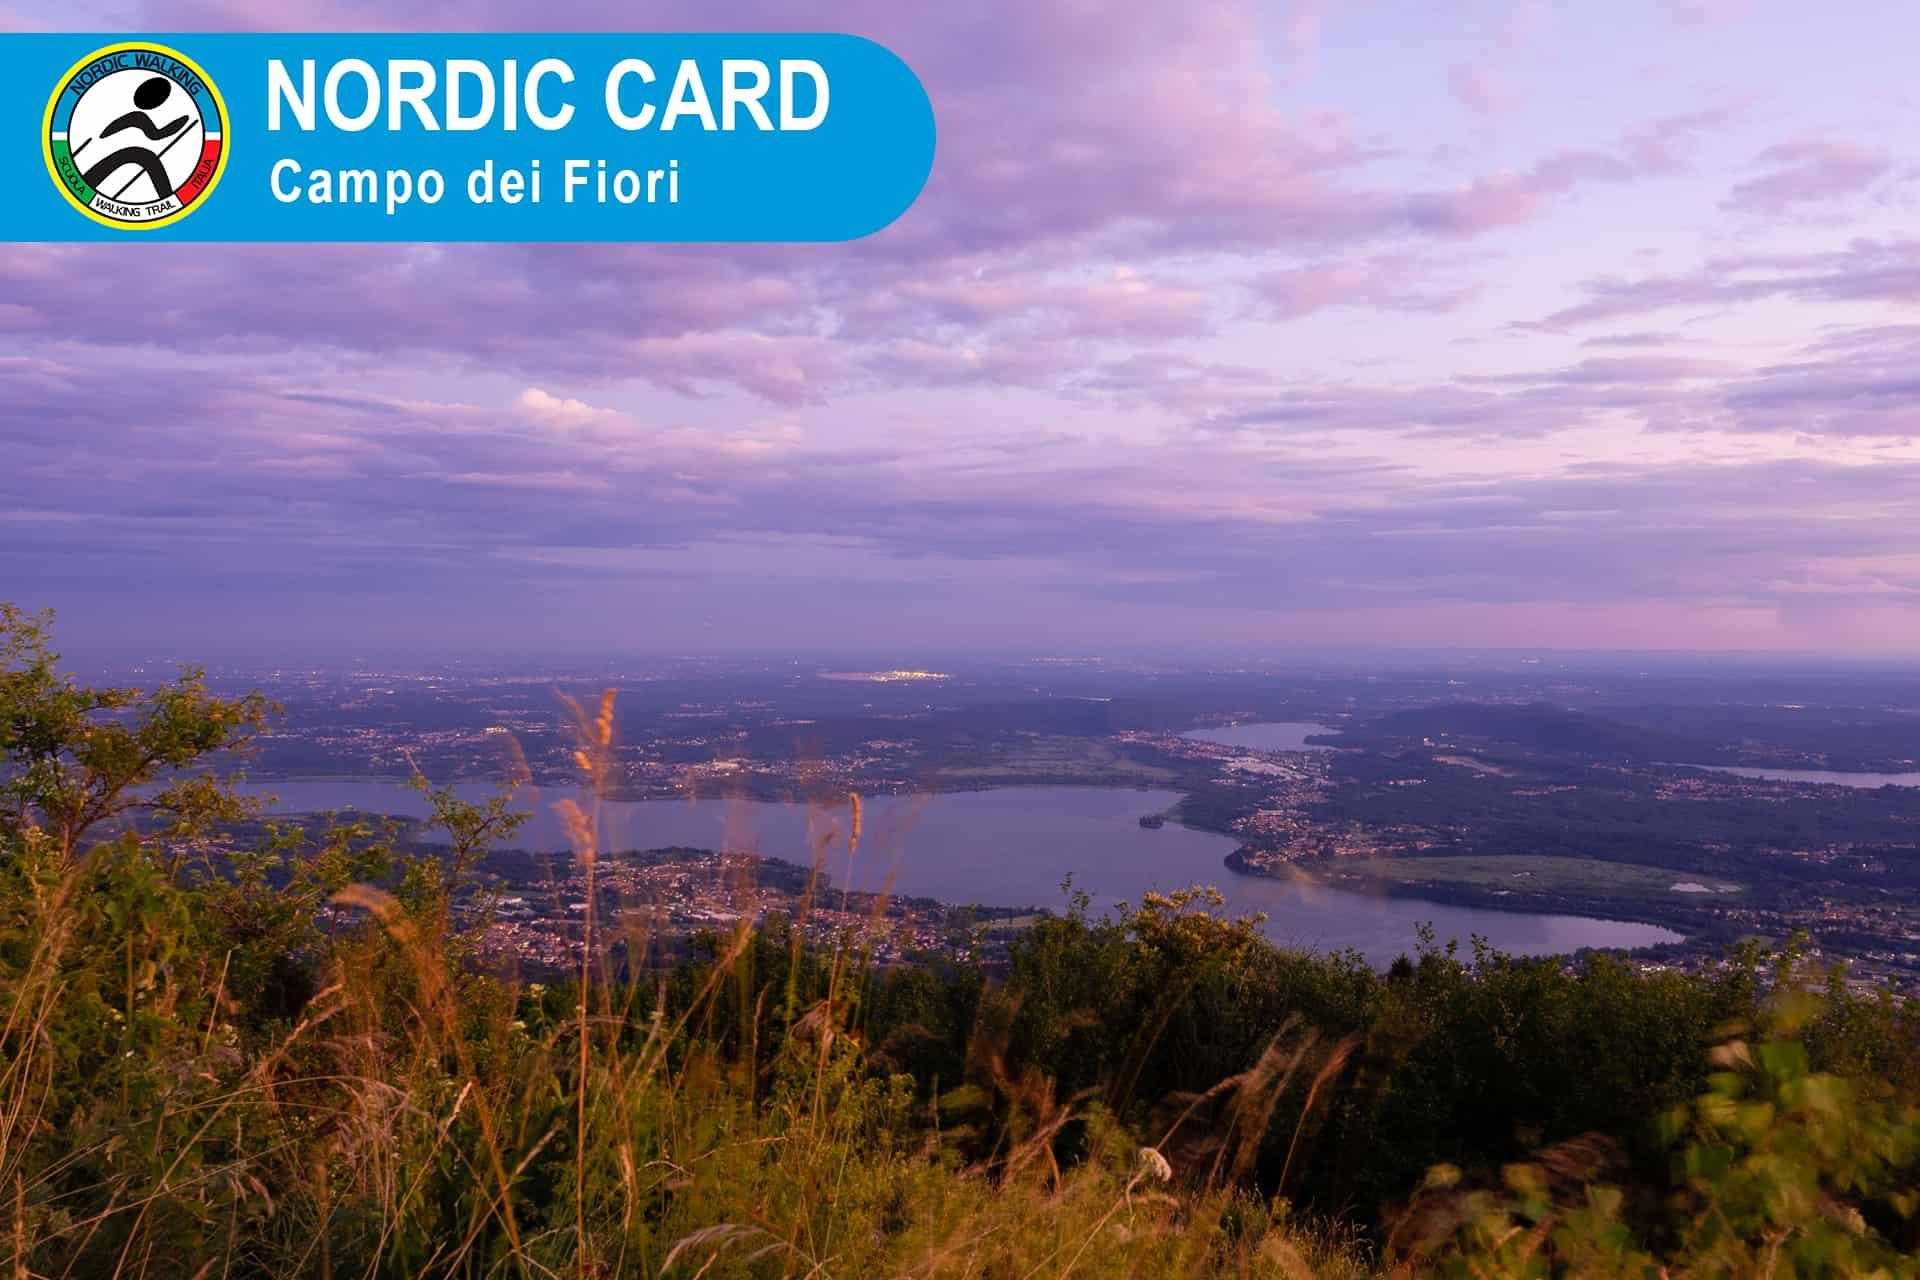 Nordic Card Camminata Nordic Walking al Campo dei Fiori - Roberto Fontana Istruttore Nordic Walking Scuola Walking Trail Italia